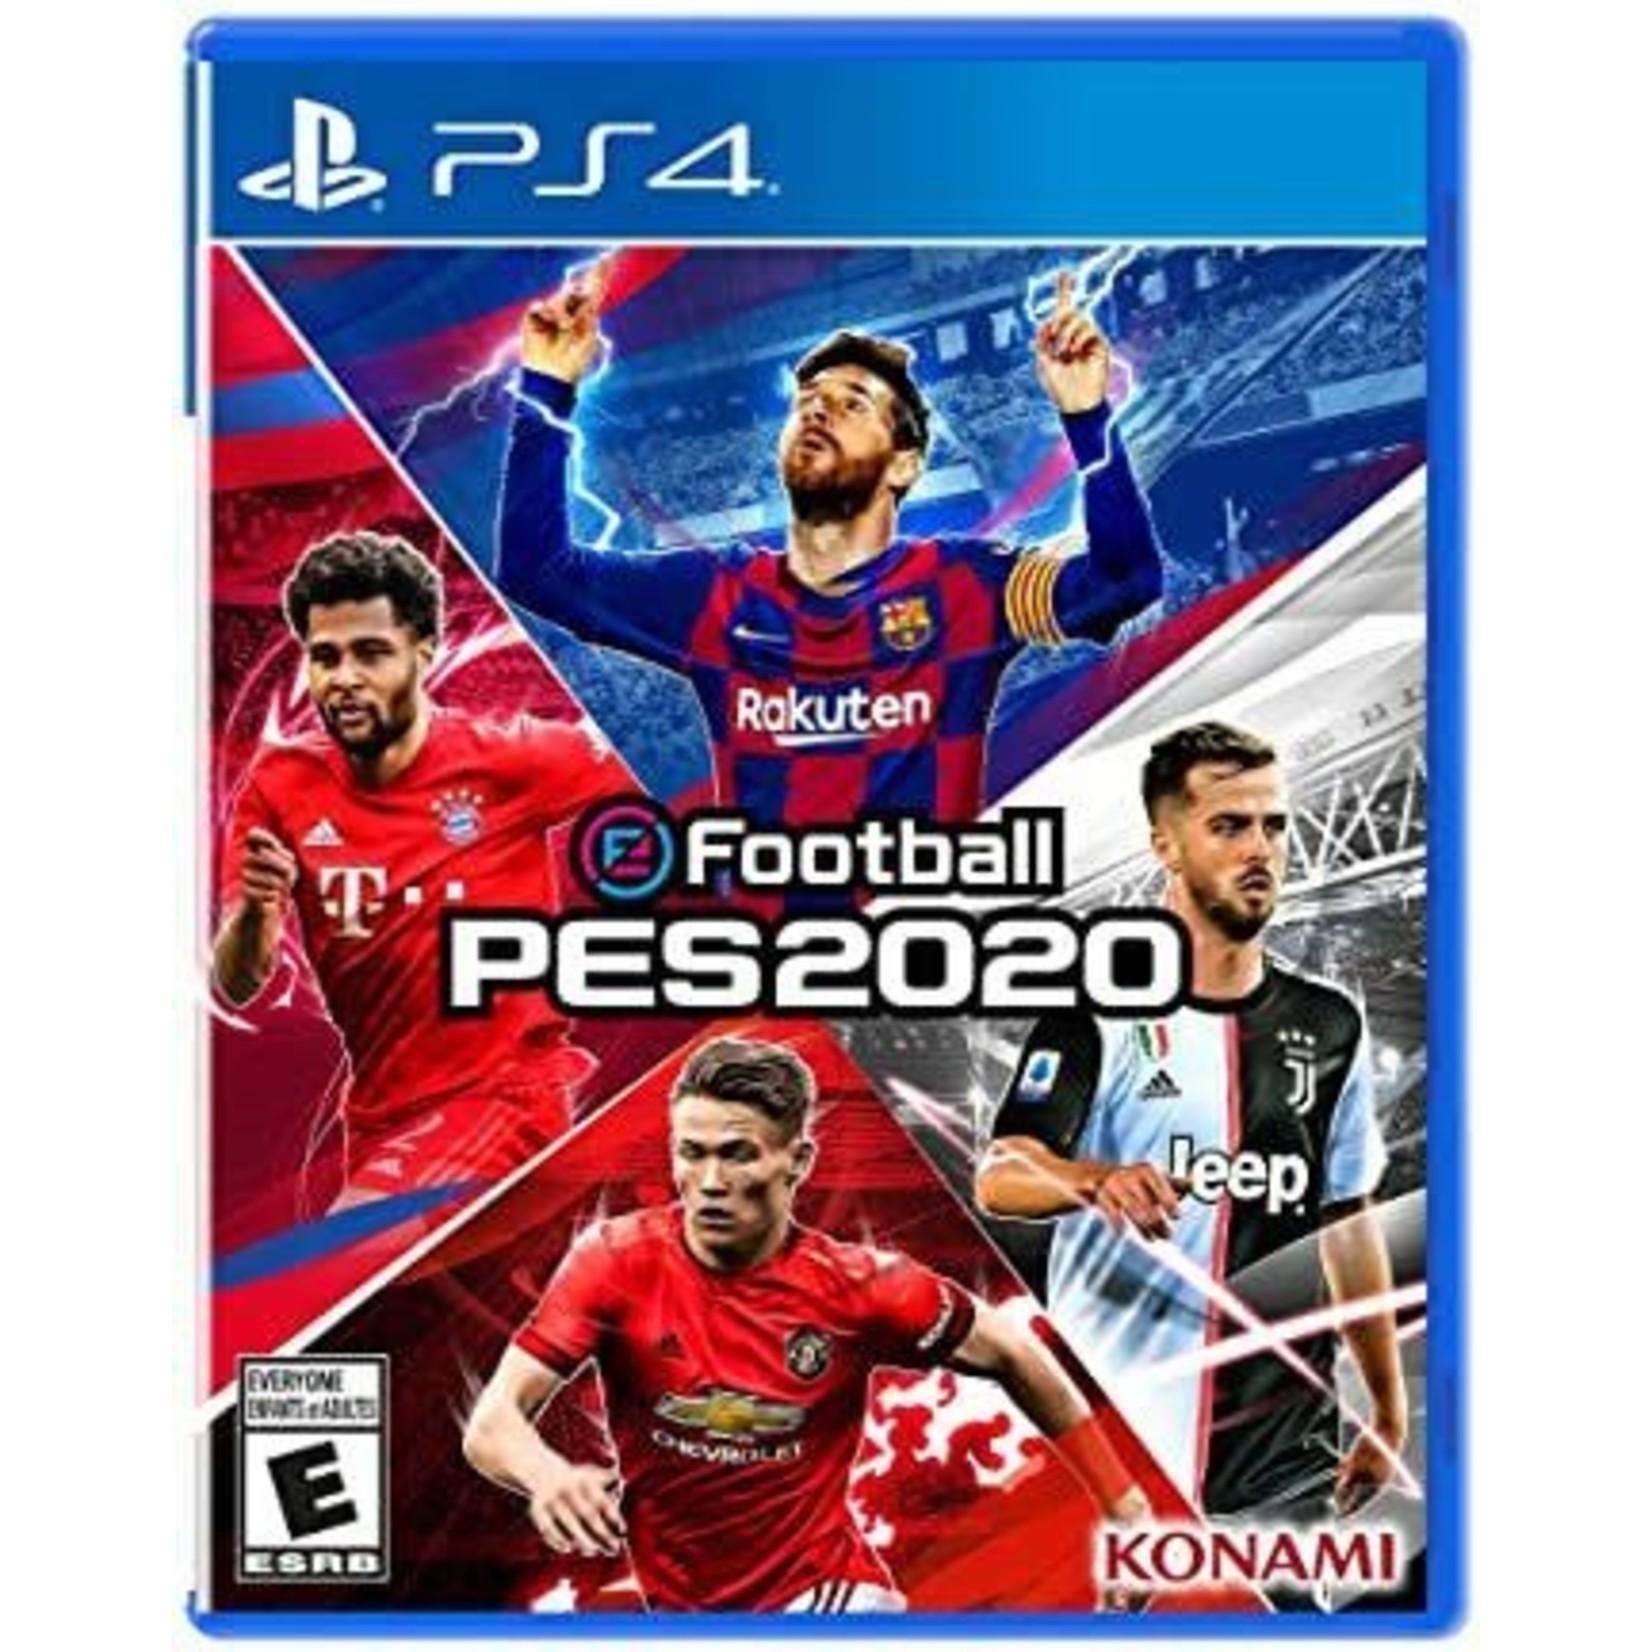 ps4u-EFootball PES 2020